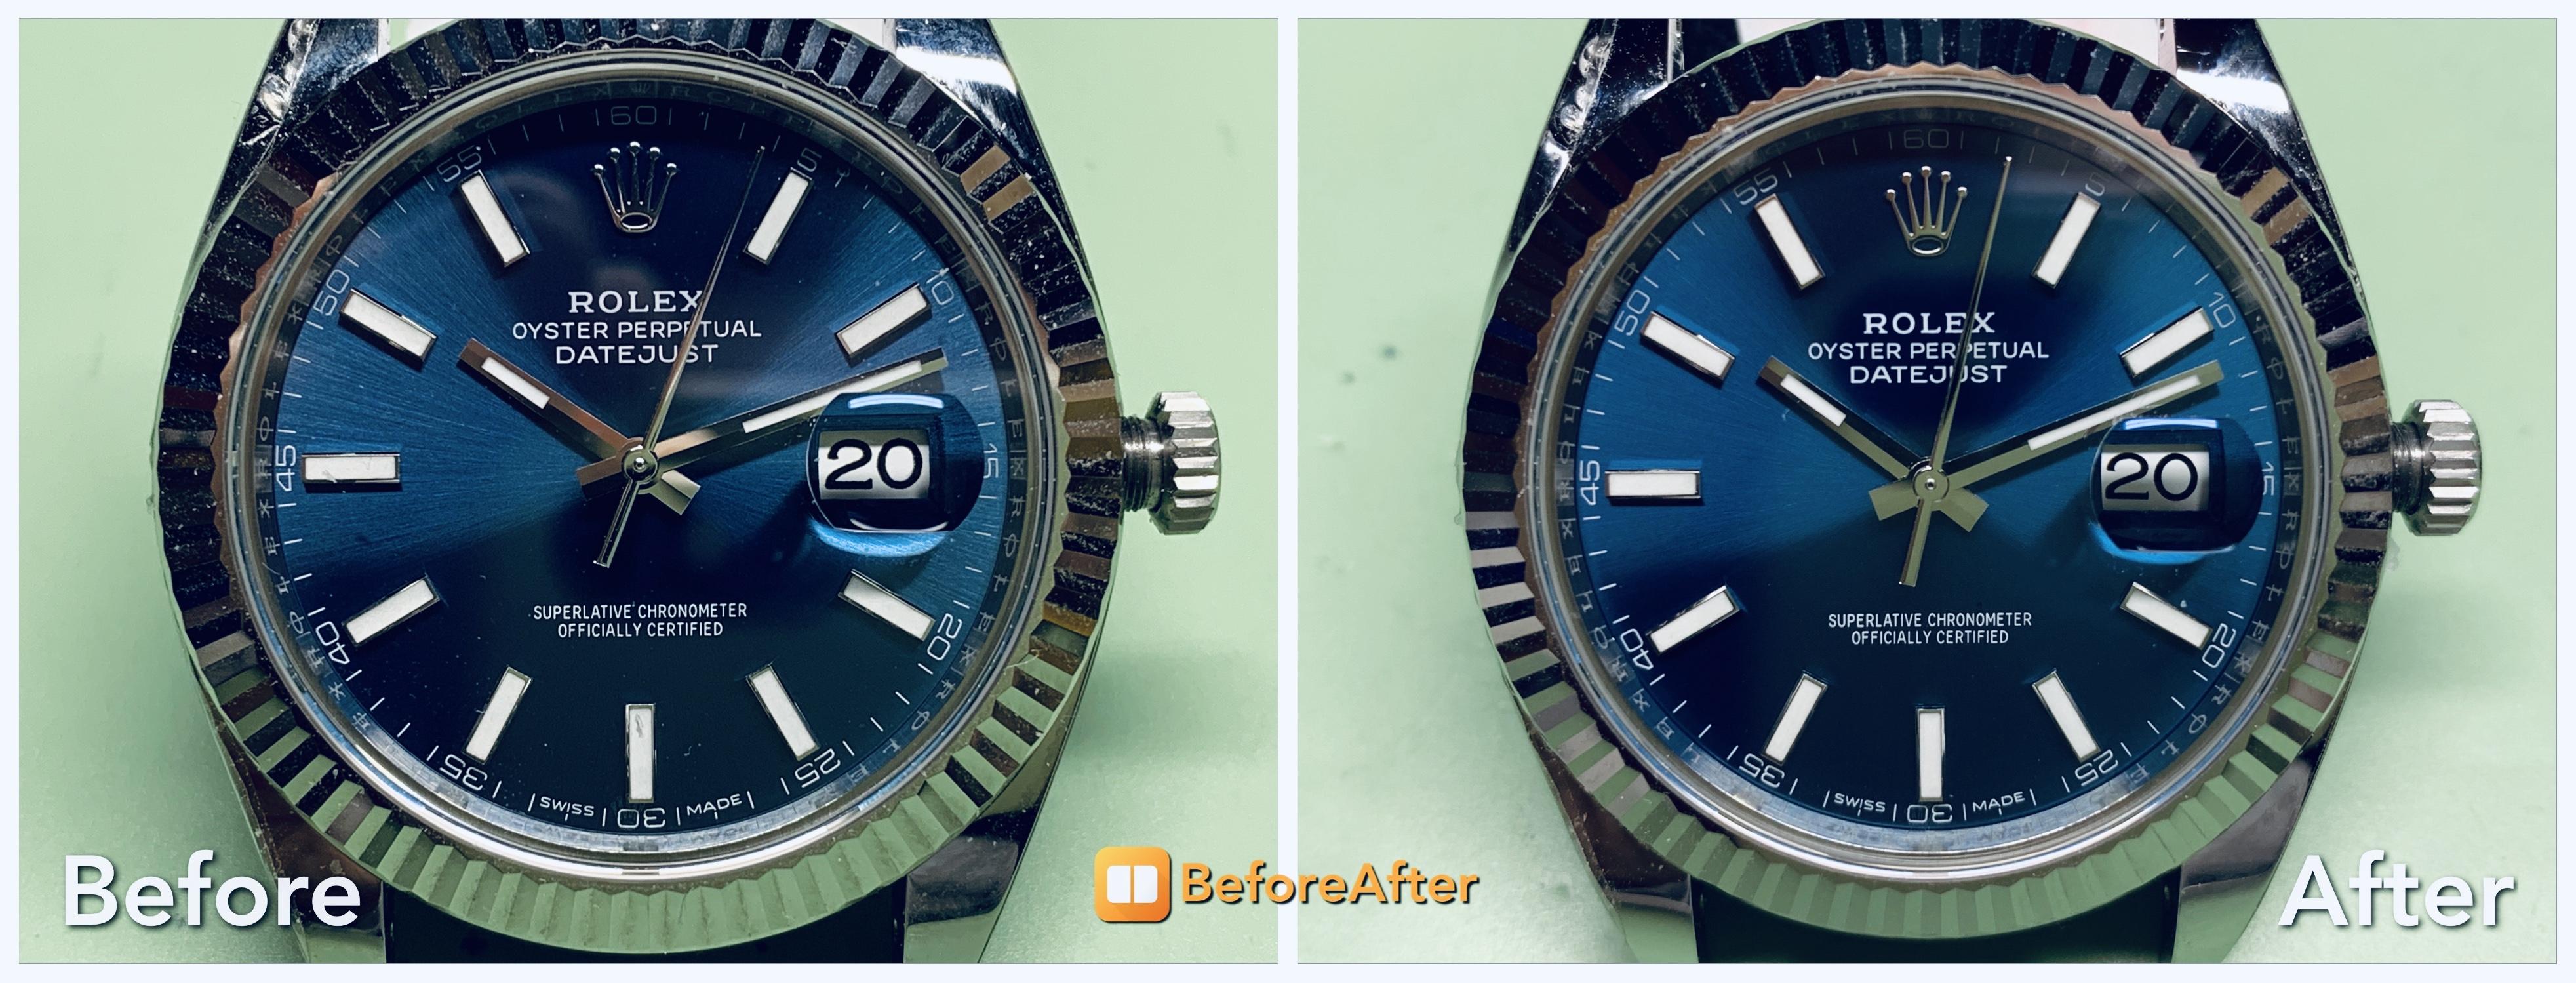 Σύγκριση ARF DateJust 41 με γνήσιο δίσκο ημερομηνίας [πριν-μετά] - Ρολόγια Replica